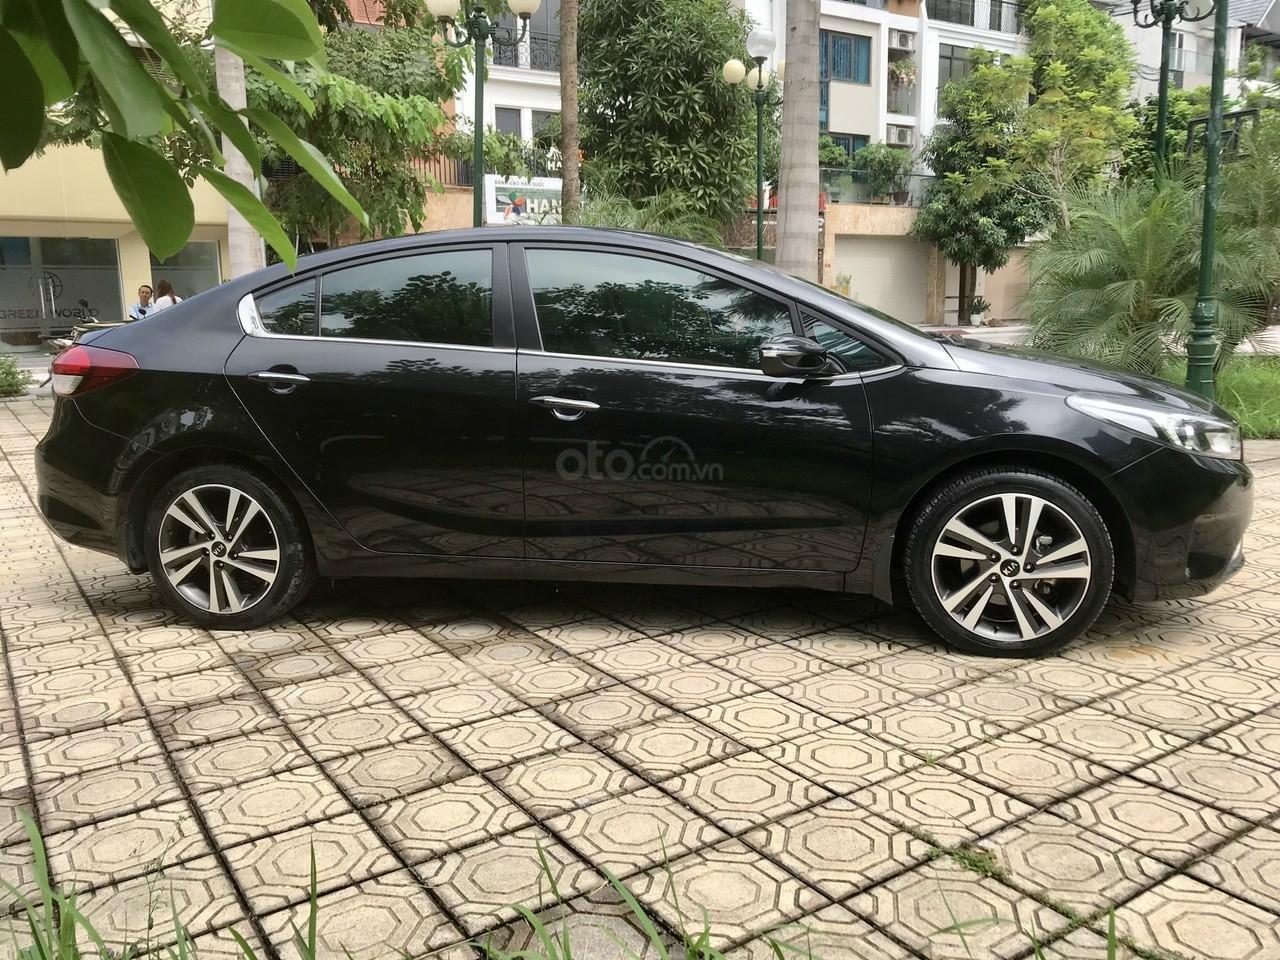 Cần bán lại xe Kia Cerato đời 2017, màu đen, giá tốt (3)